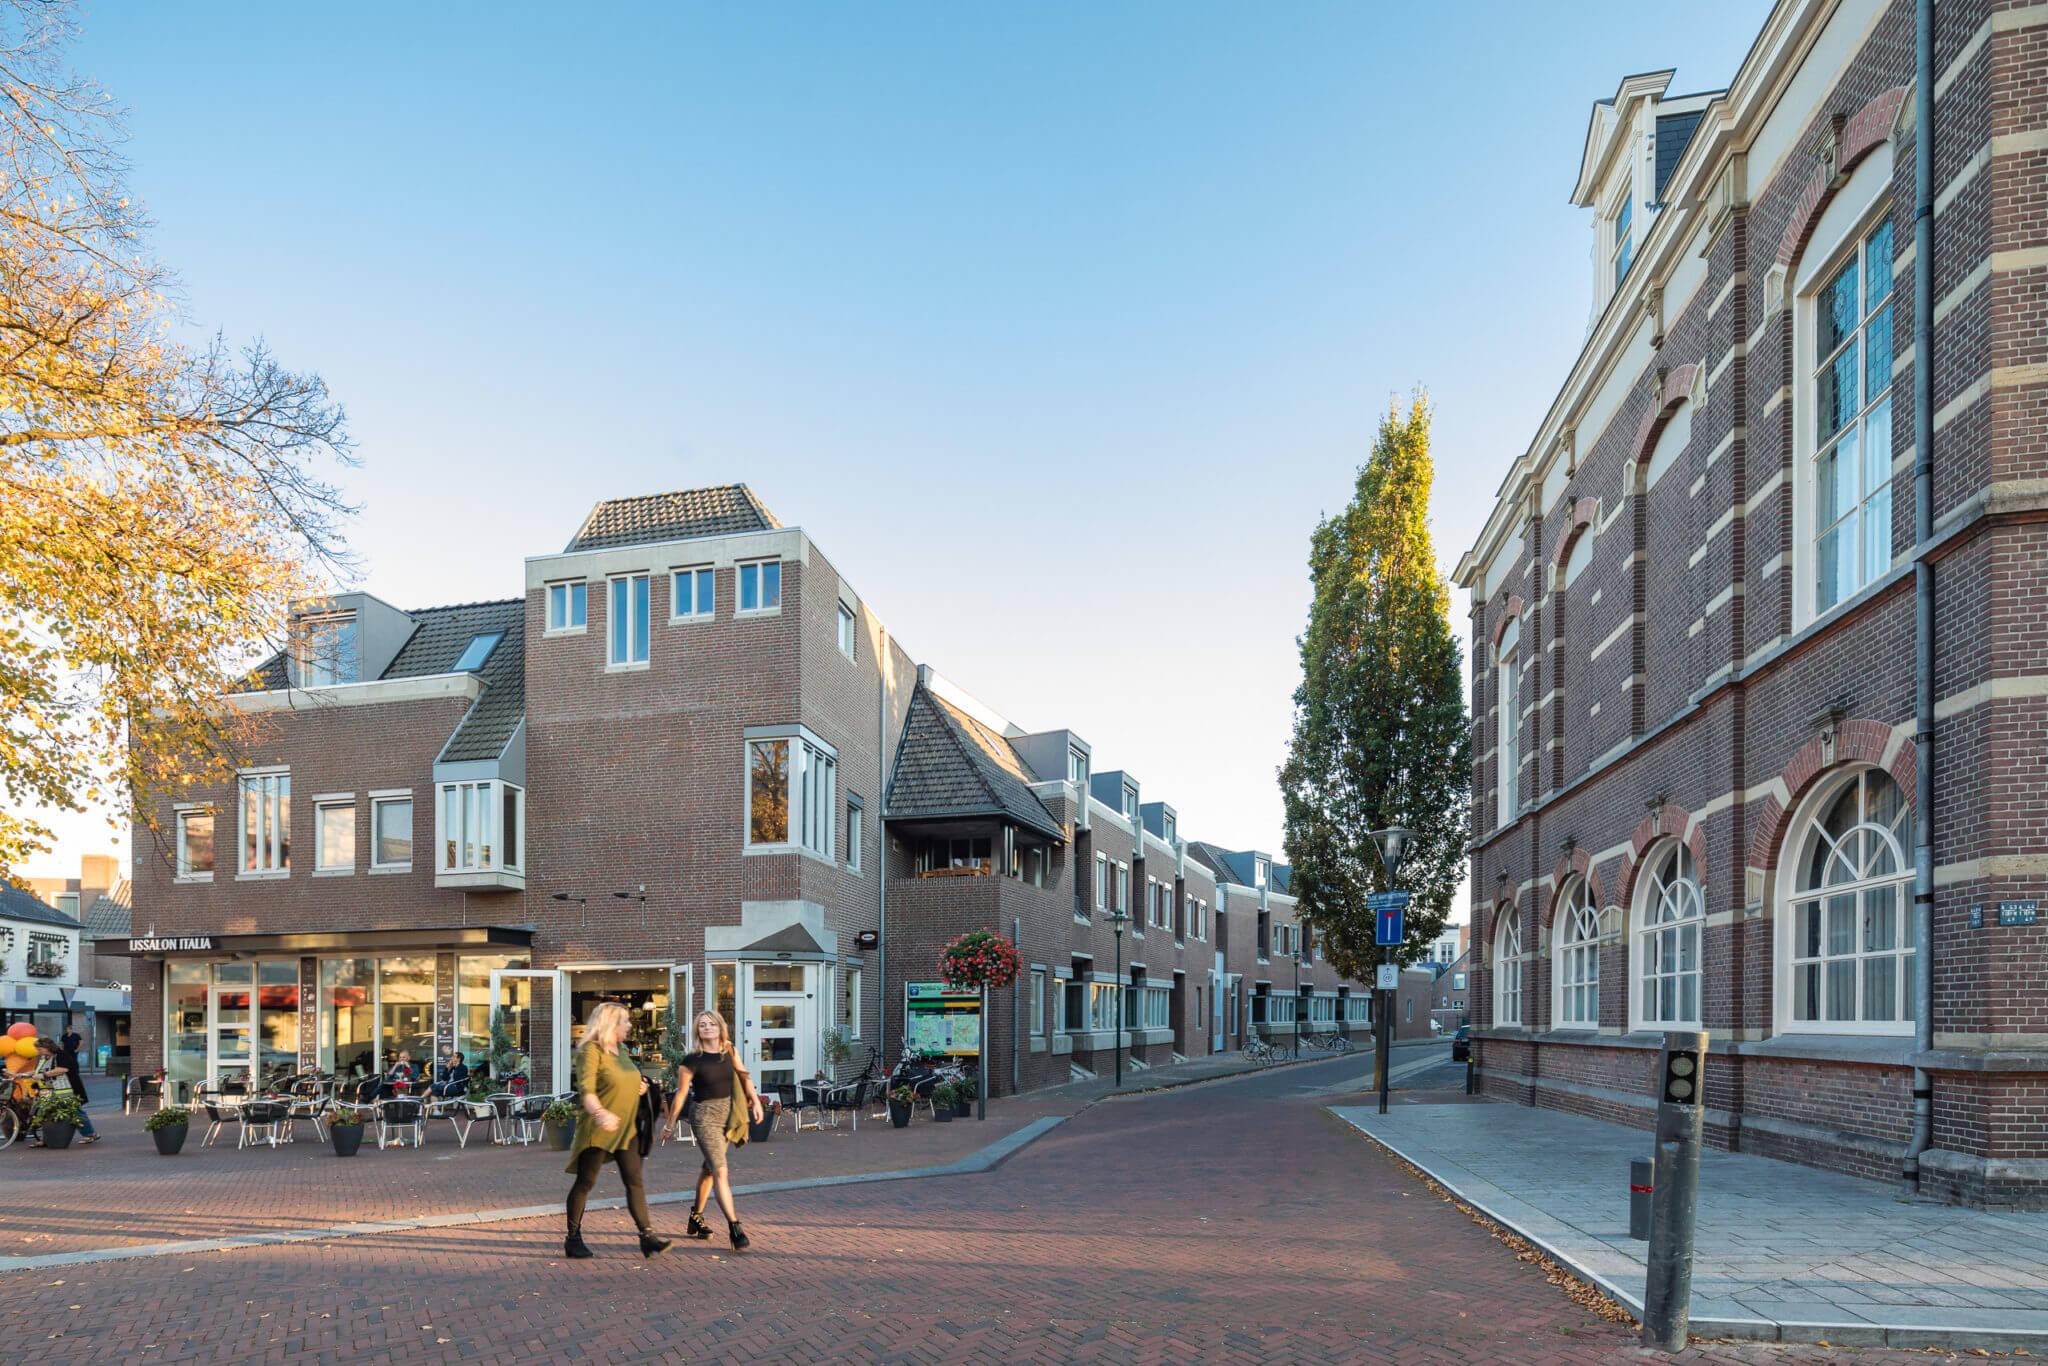 wonen appartementen Deurne Rabobank transformatie hergebruik sociaal Van den Acker Bossche School soberheid balkons lichtbaken baksteen beton betonbanden Struyken modern monument